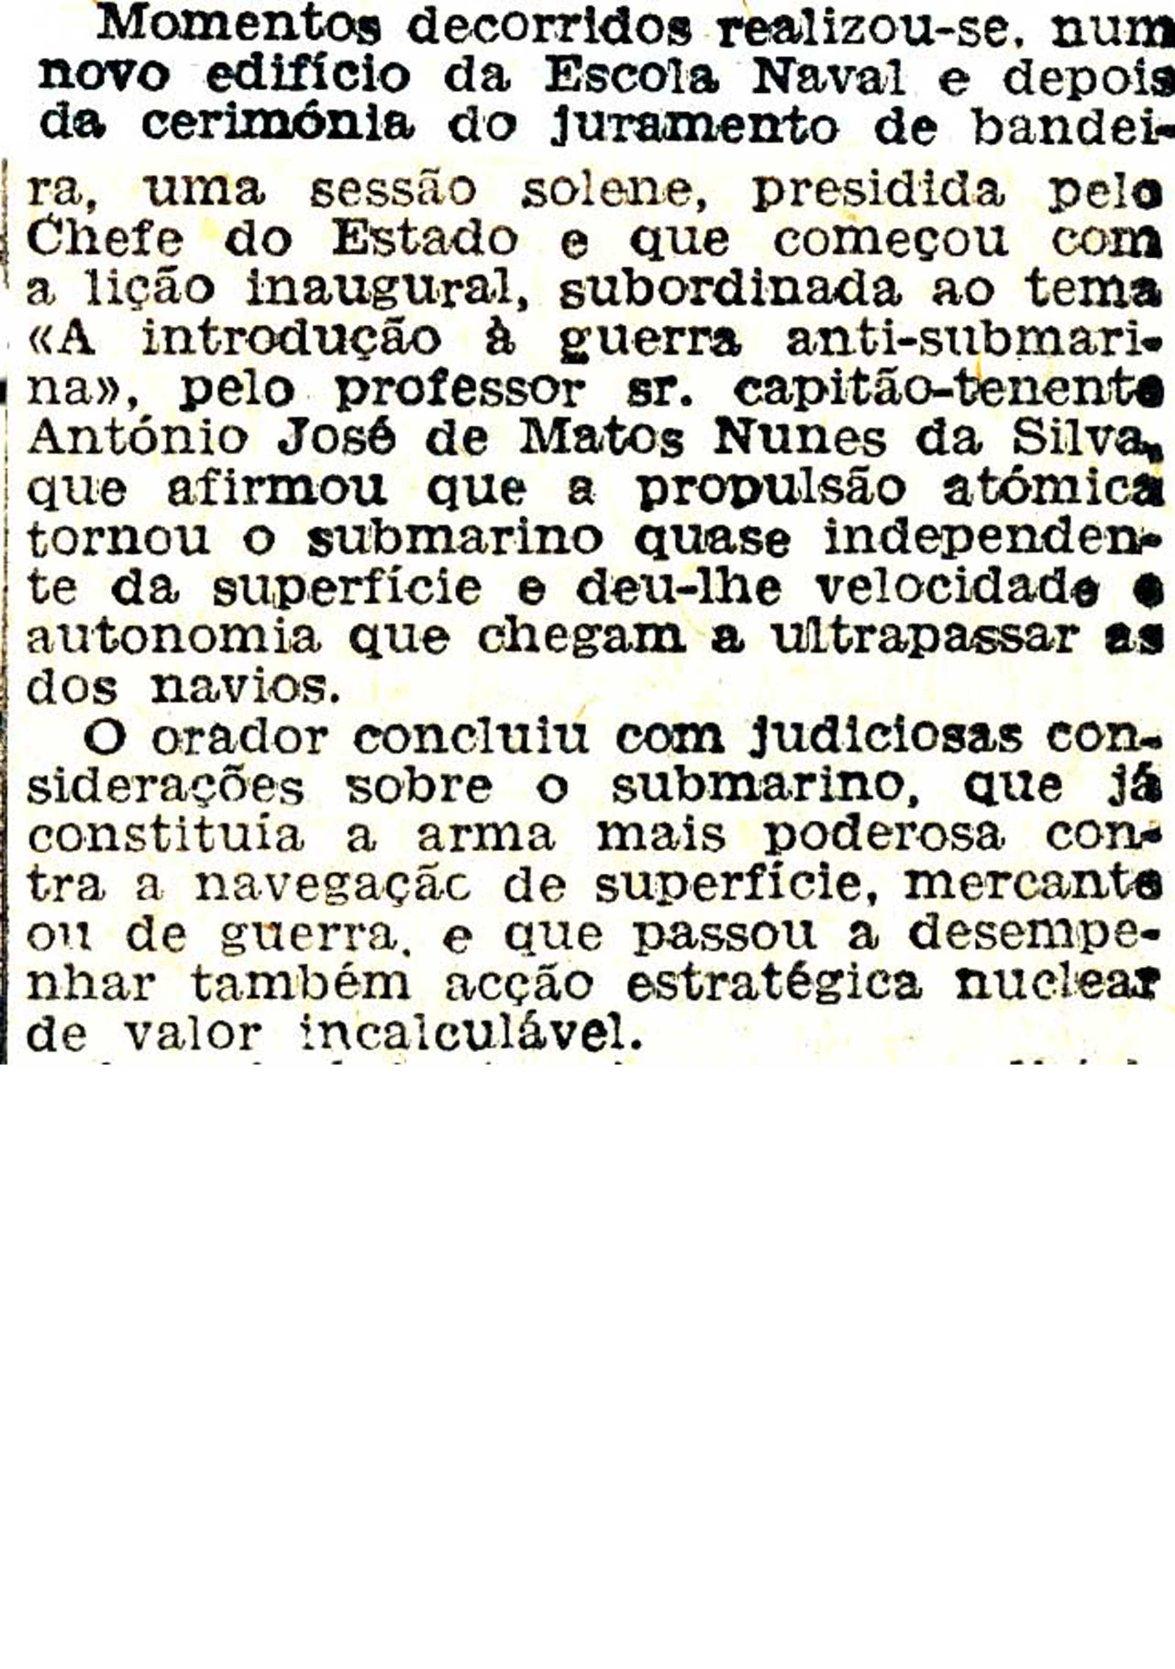 00453 965-11 notícia de jornal do Juram Bandeira curso Oliv e Carmo -pg 7